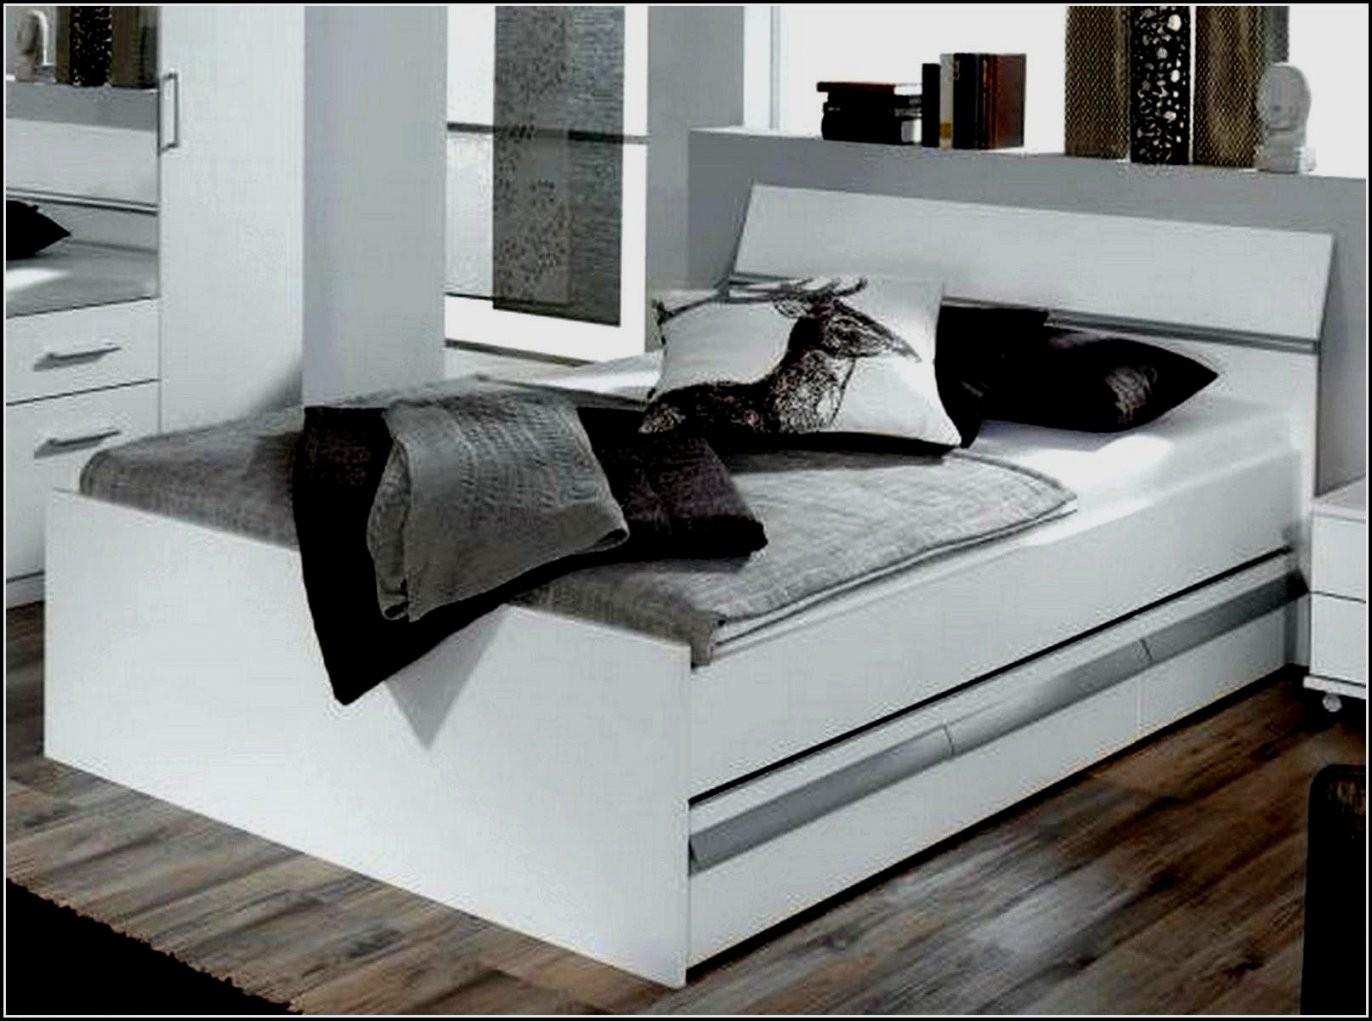 Beste Gebrauchtes Bett 140X200 Enorm Gebrauchte Betten 180X200 Das von Gebrauchte Betten 140X200 Photo